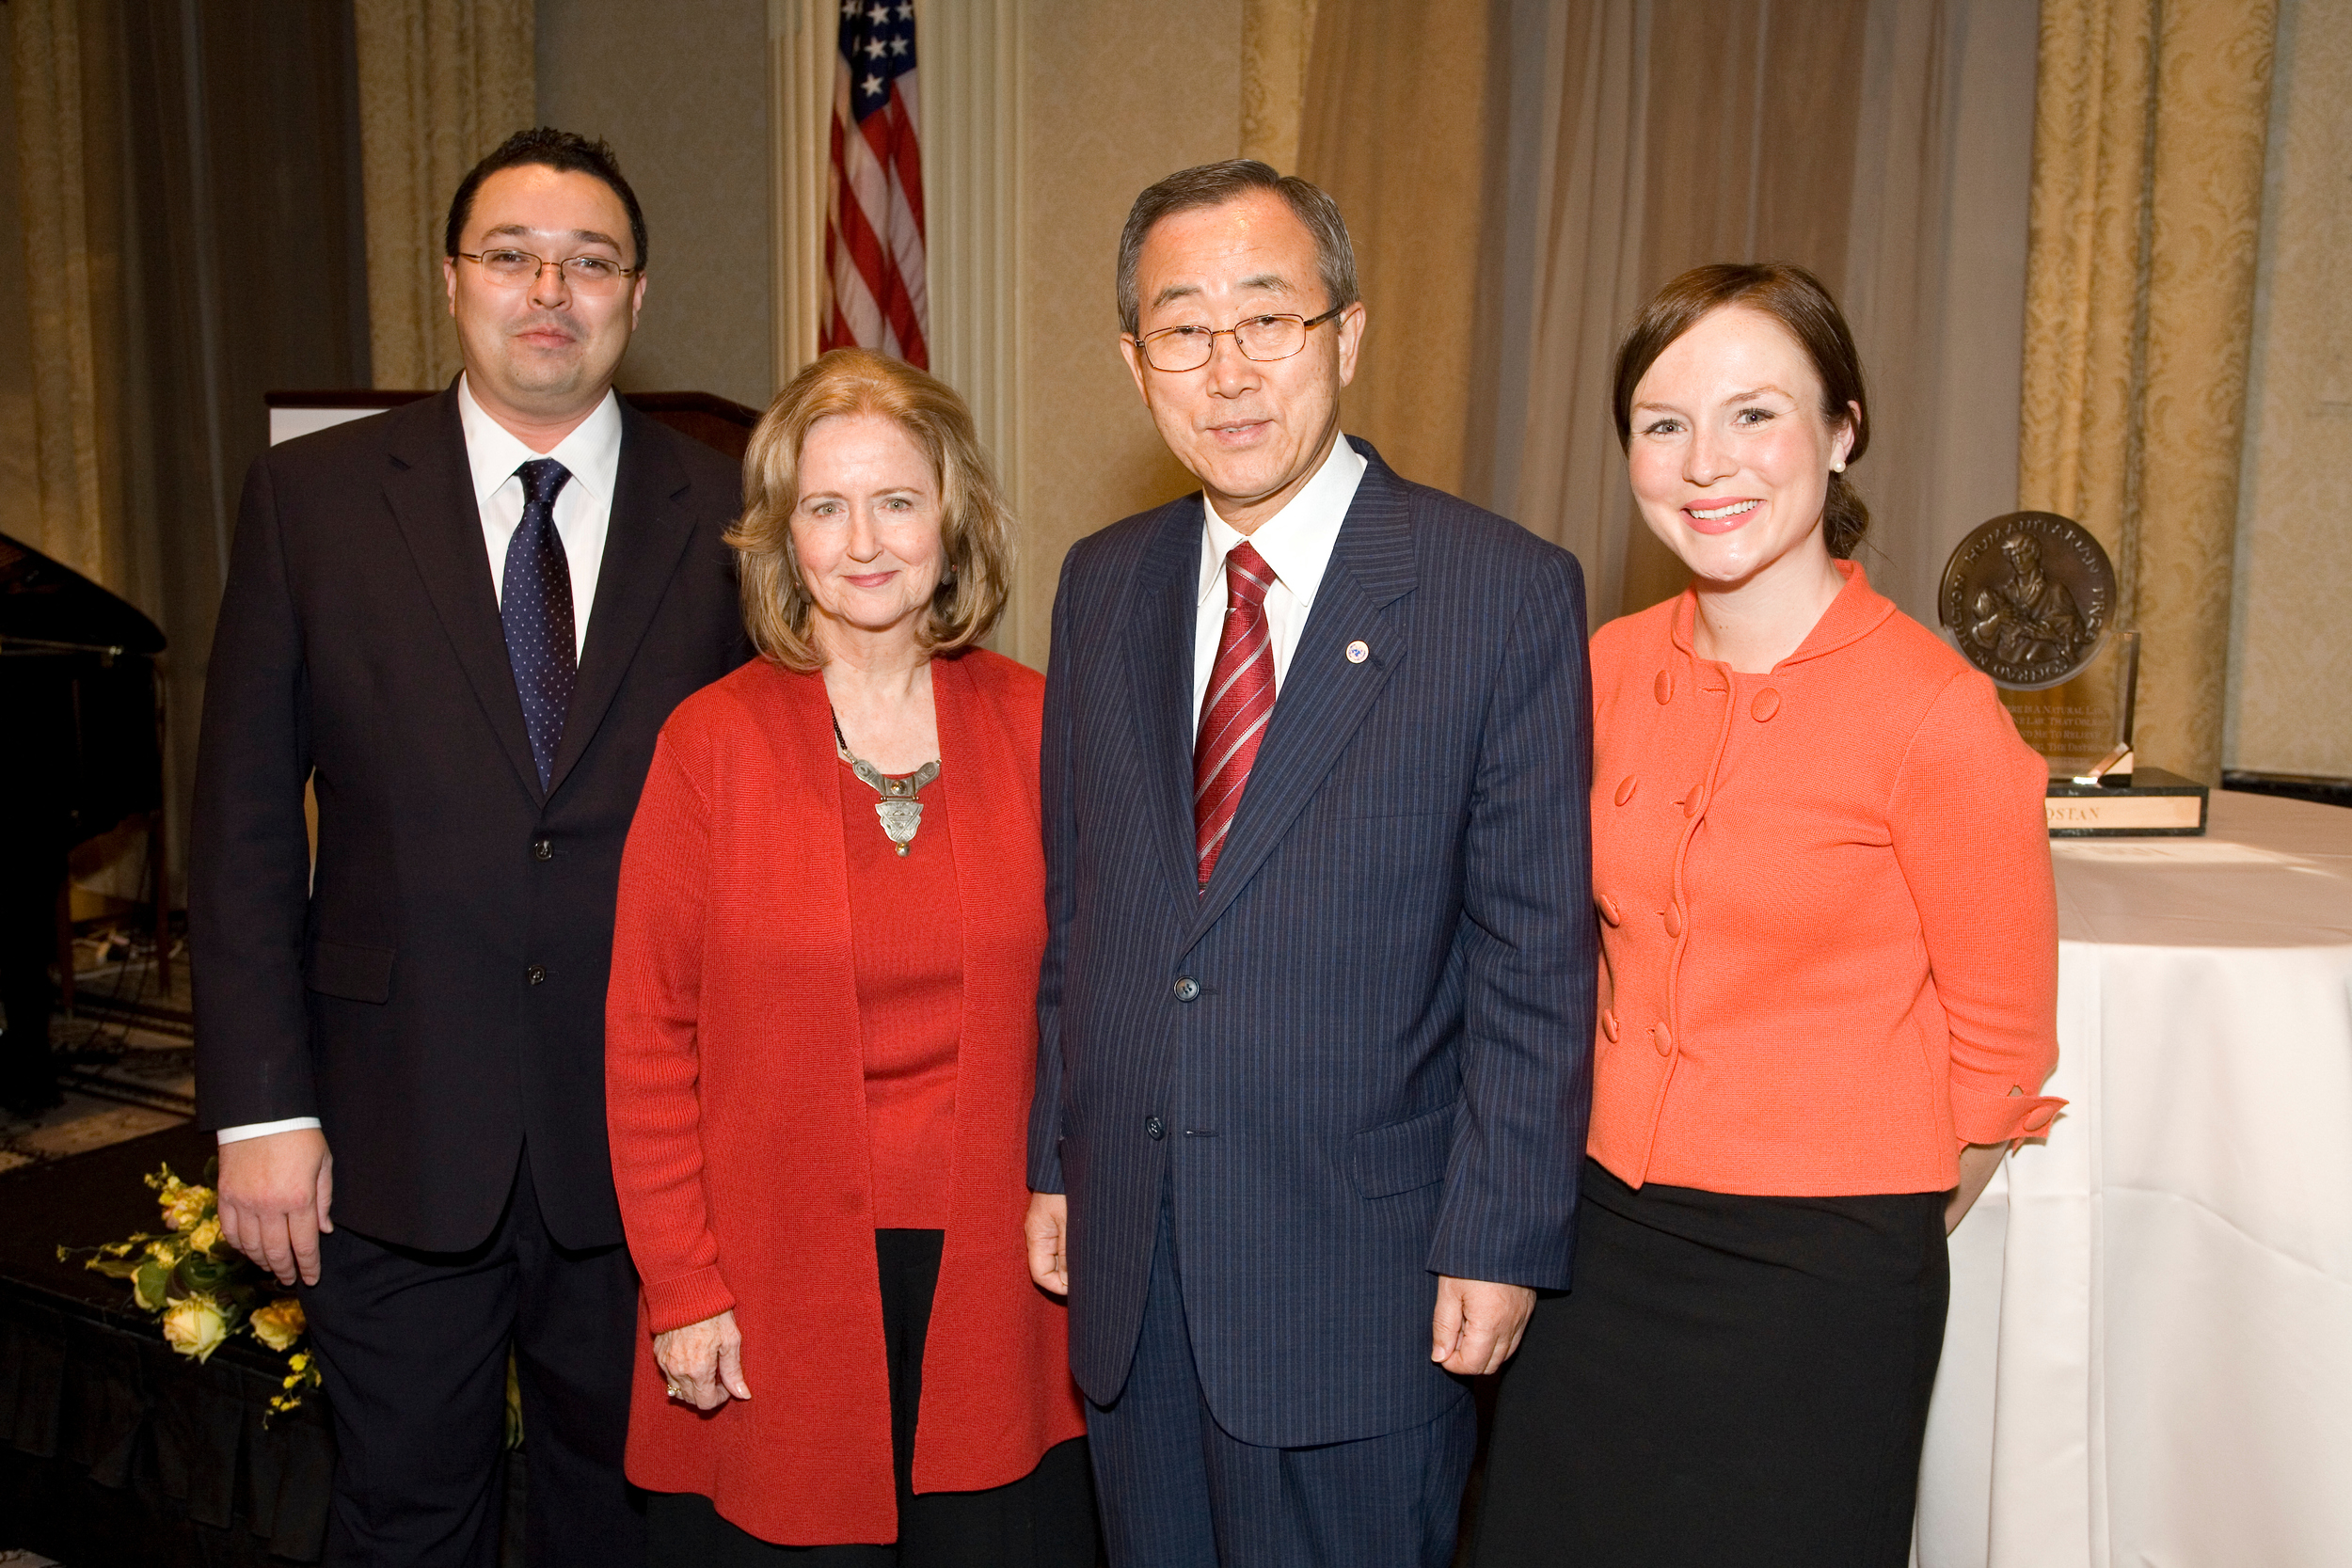 With UN Secretary General Ban Ki-moon